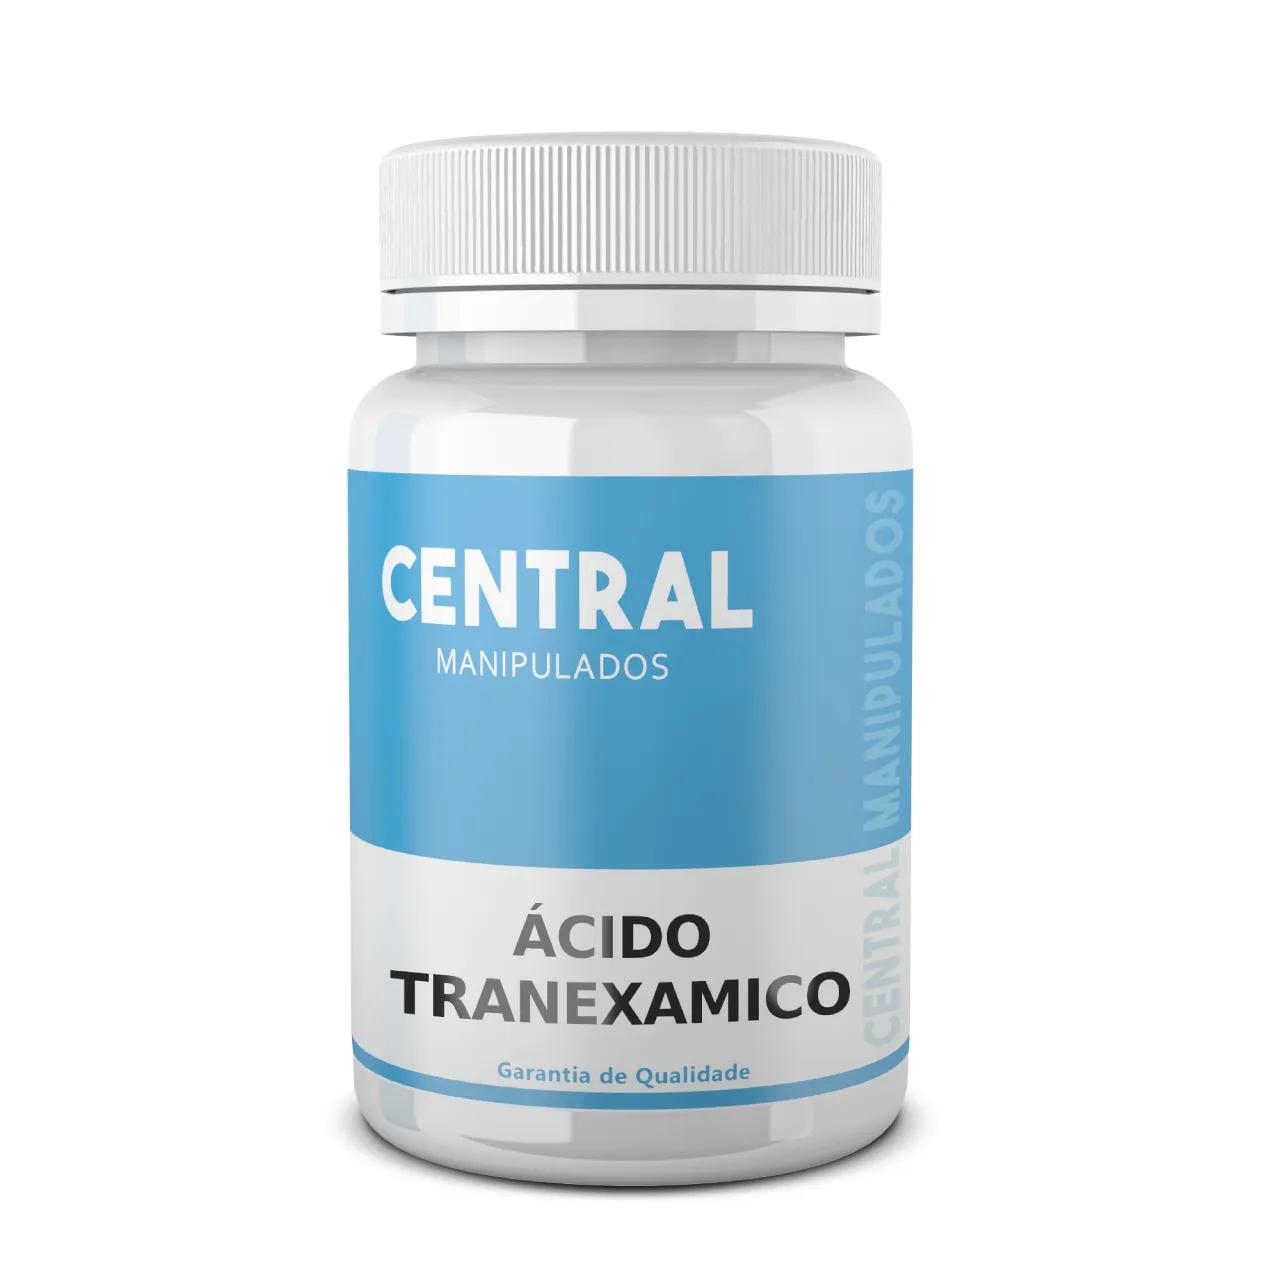 Ácido Tranexâmico 500mg - 30 Cápsulas - Remove manchas de pele, melasmas (manchas na pele)